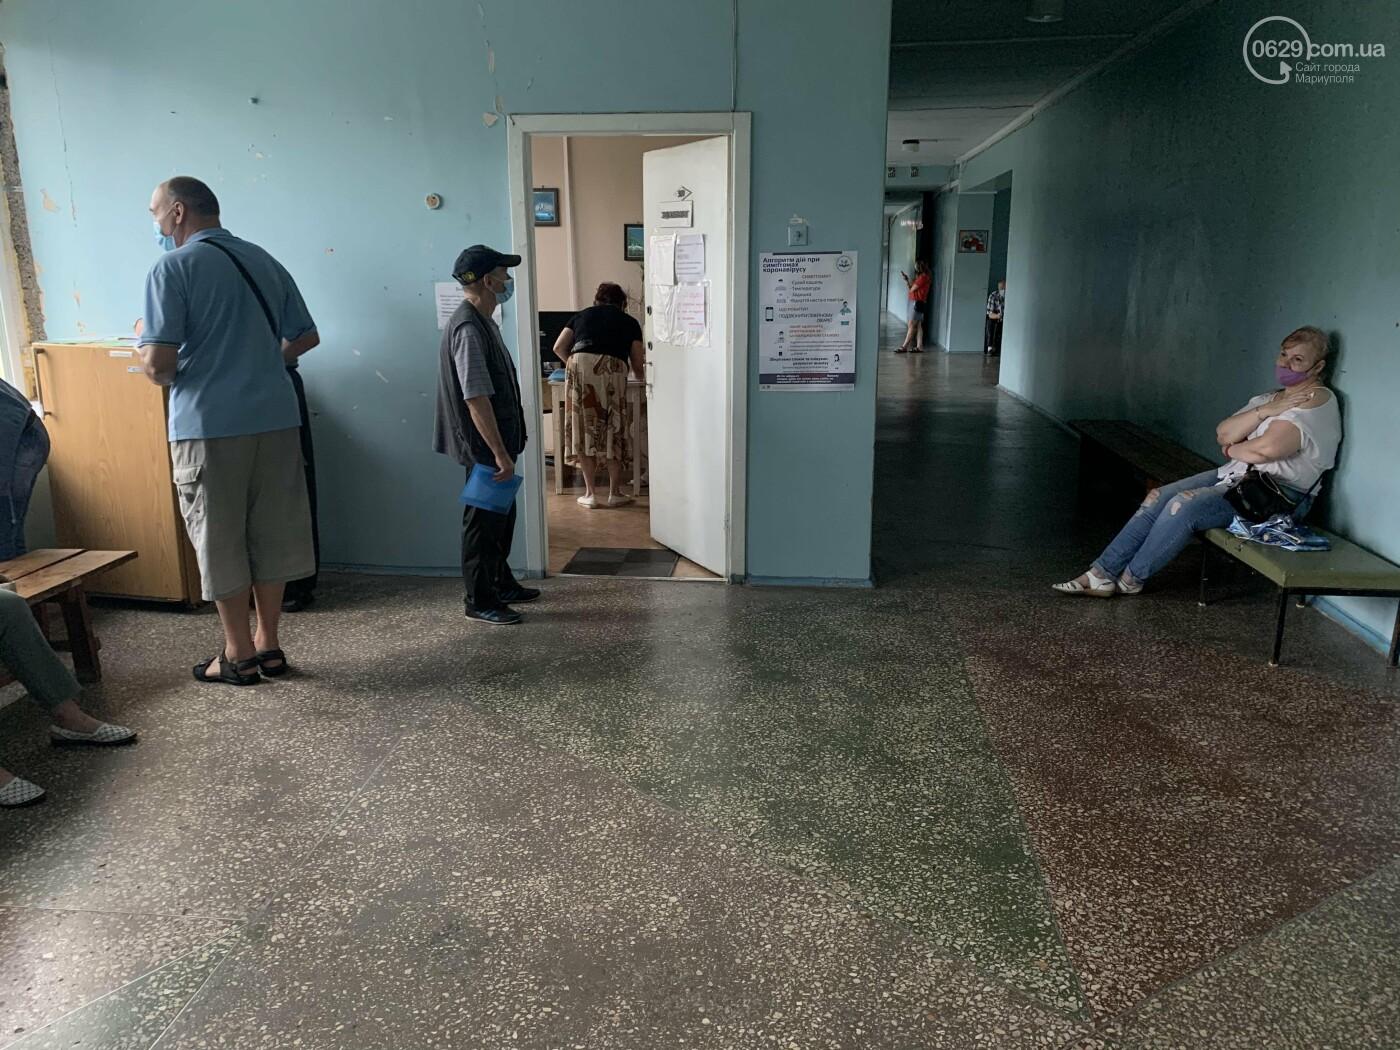 Вакцинація у Маріуполі: чим зараз щеплюють, скільки бажаючих та коли чекати нову хвилю захворюваності, - ФОТО, фото-9